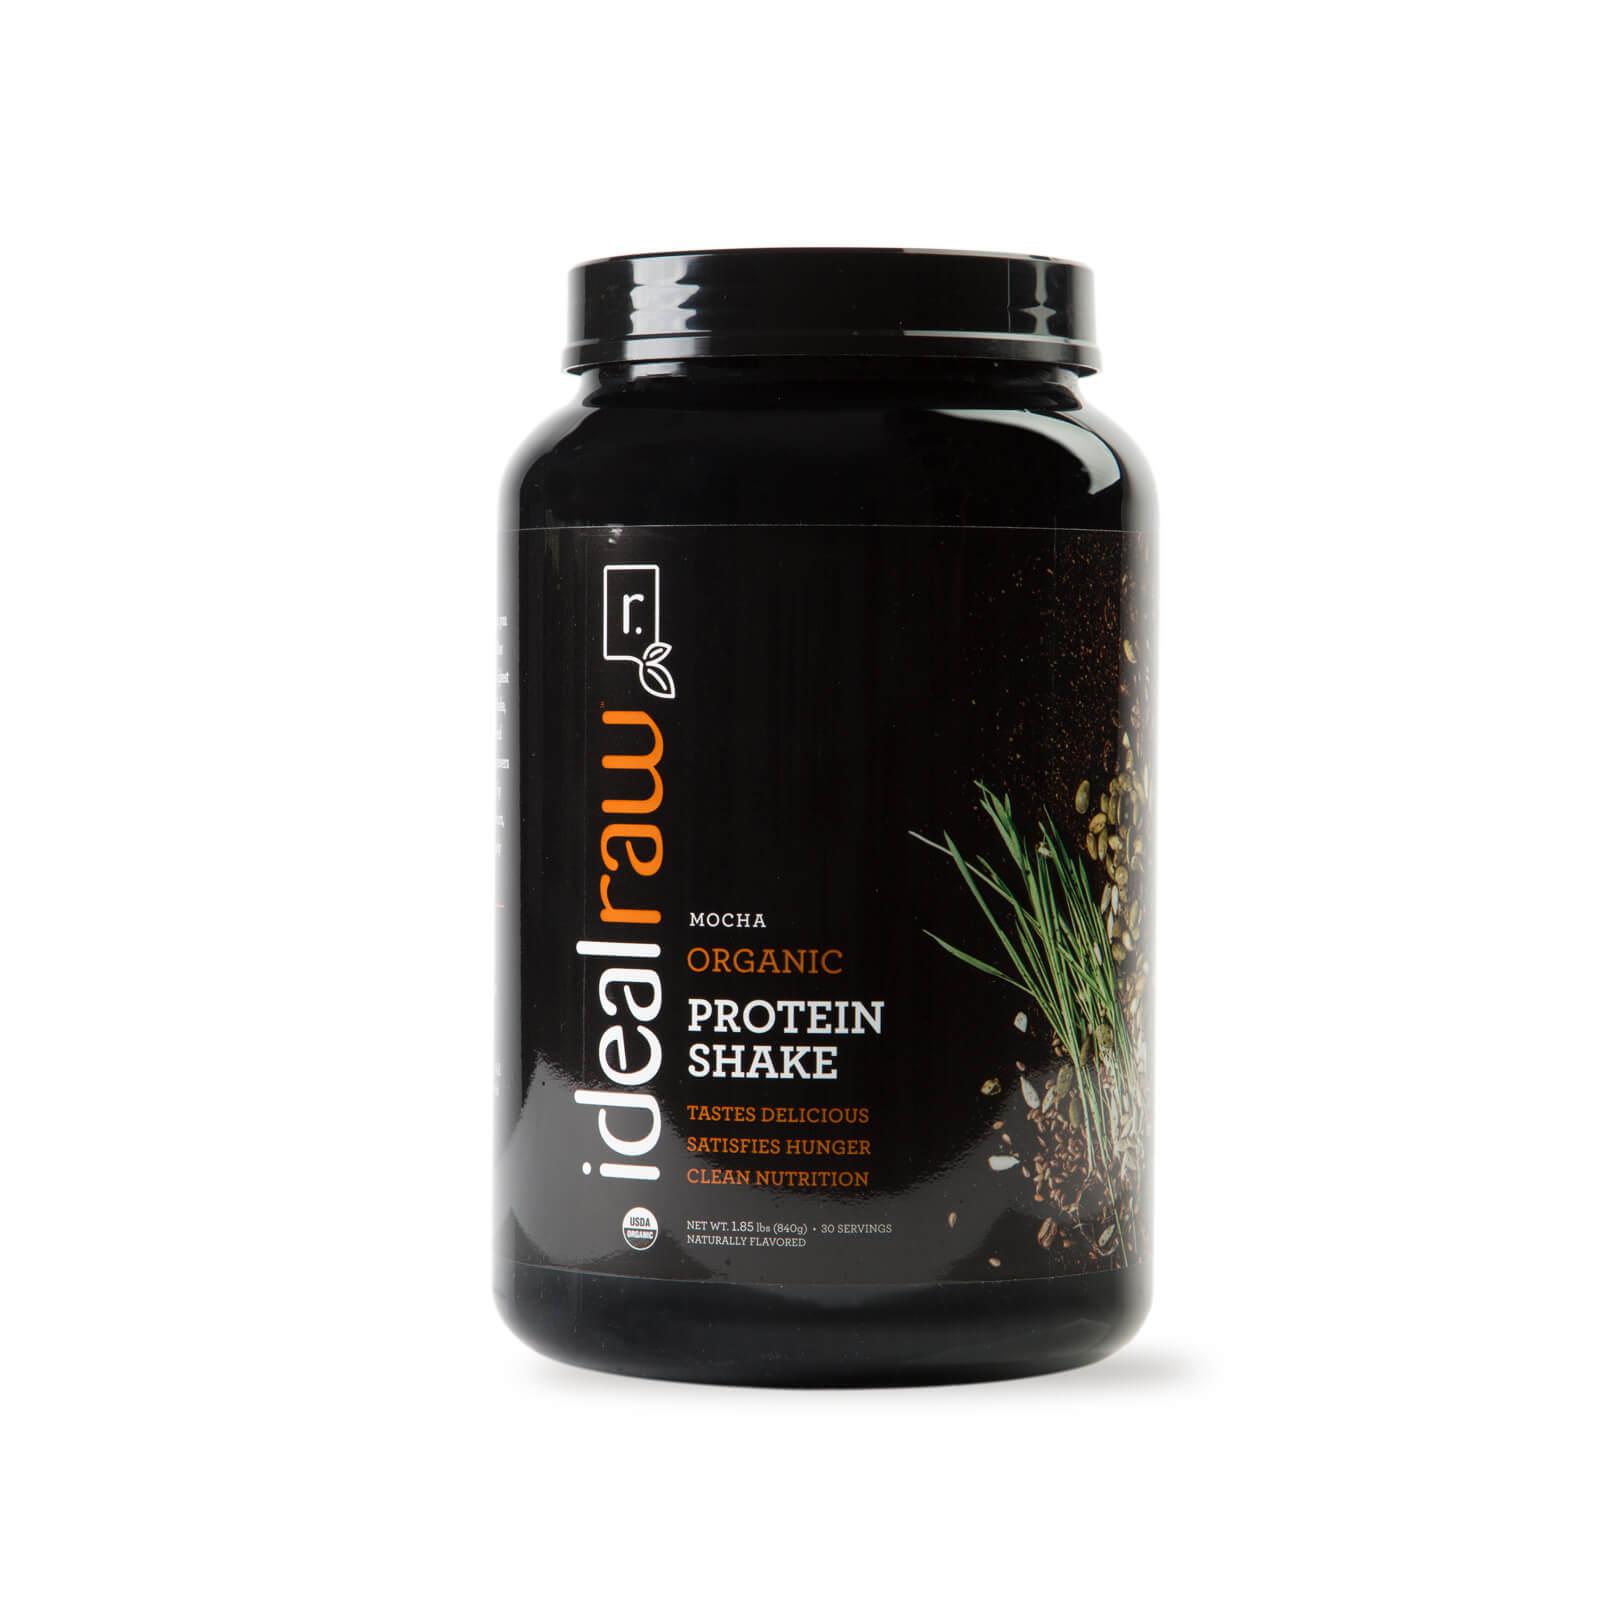 有机植物蛋白 抹茶味